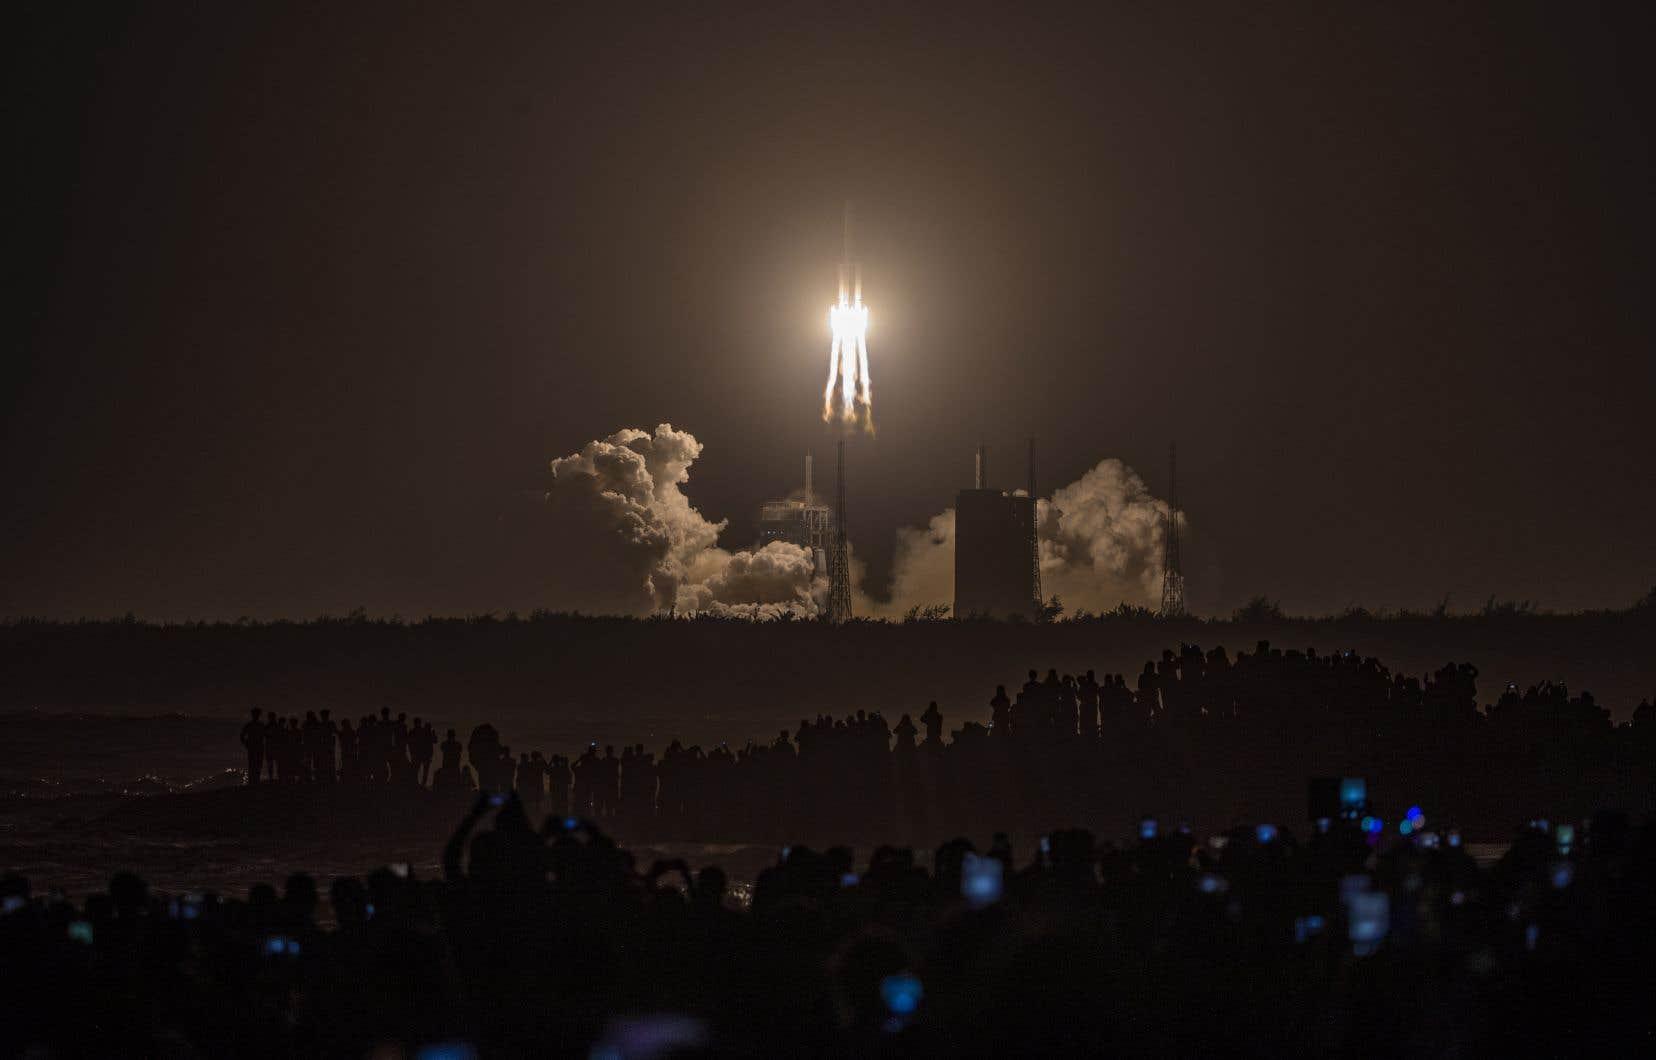 <p>La sonde <i>Chang'e 5</i>, qui a quitté la Terre mardi dernier, a pour objectif de collecter environ 2kg de roches lunaires, notamment en creusant le sol jusqu'à deux mètres de profondeur.</p>